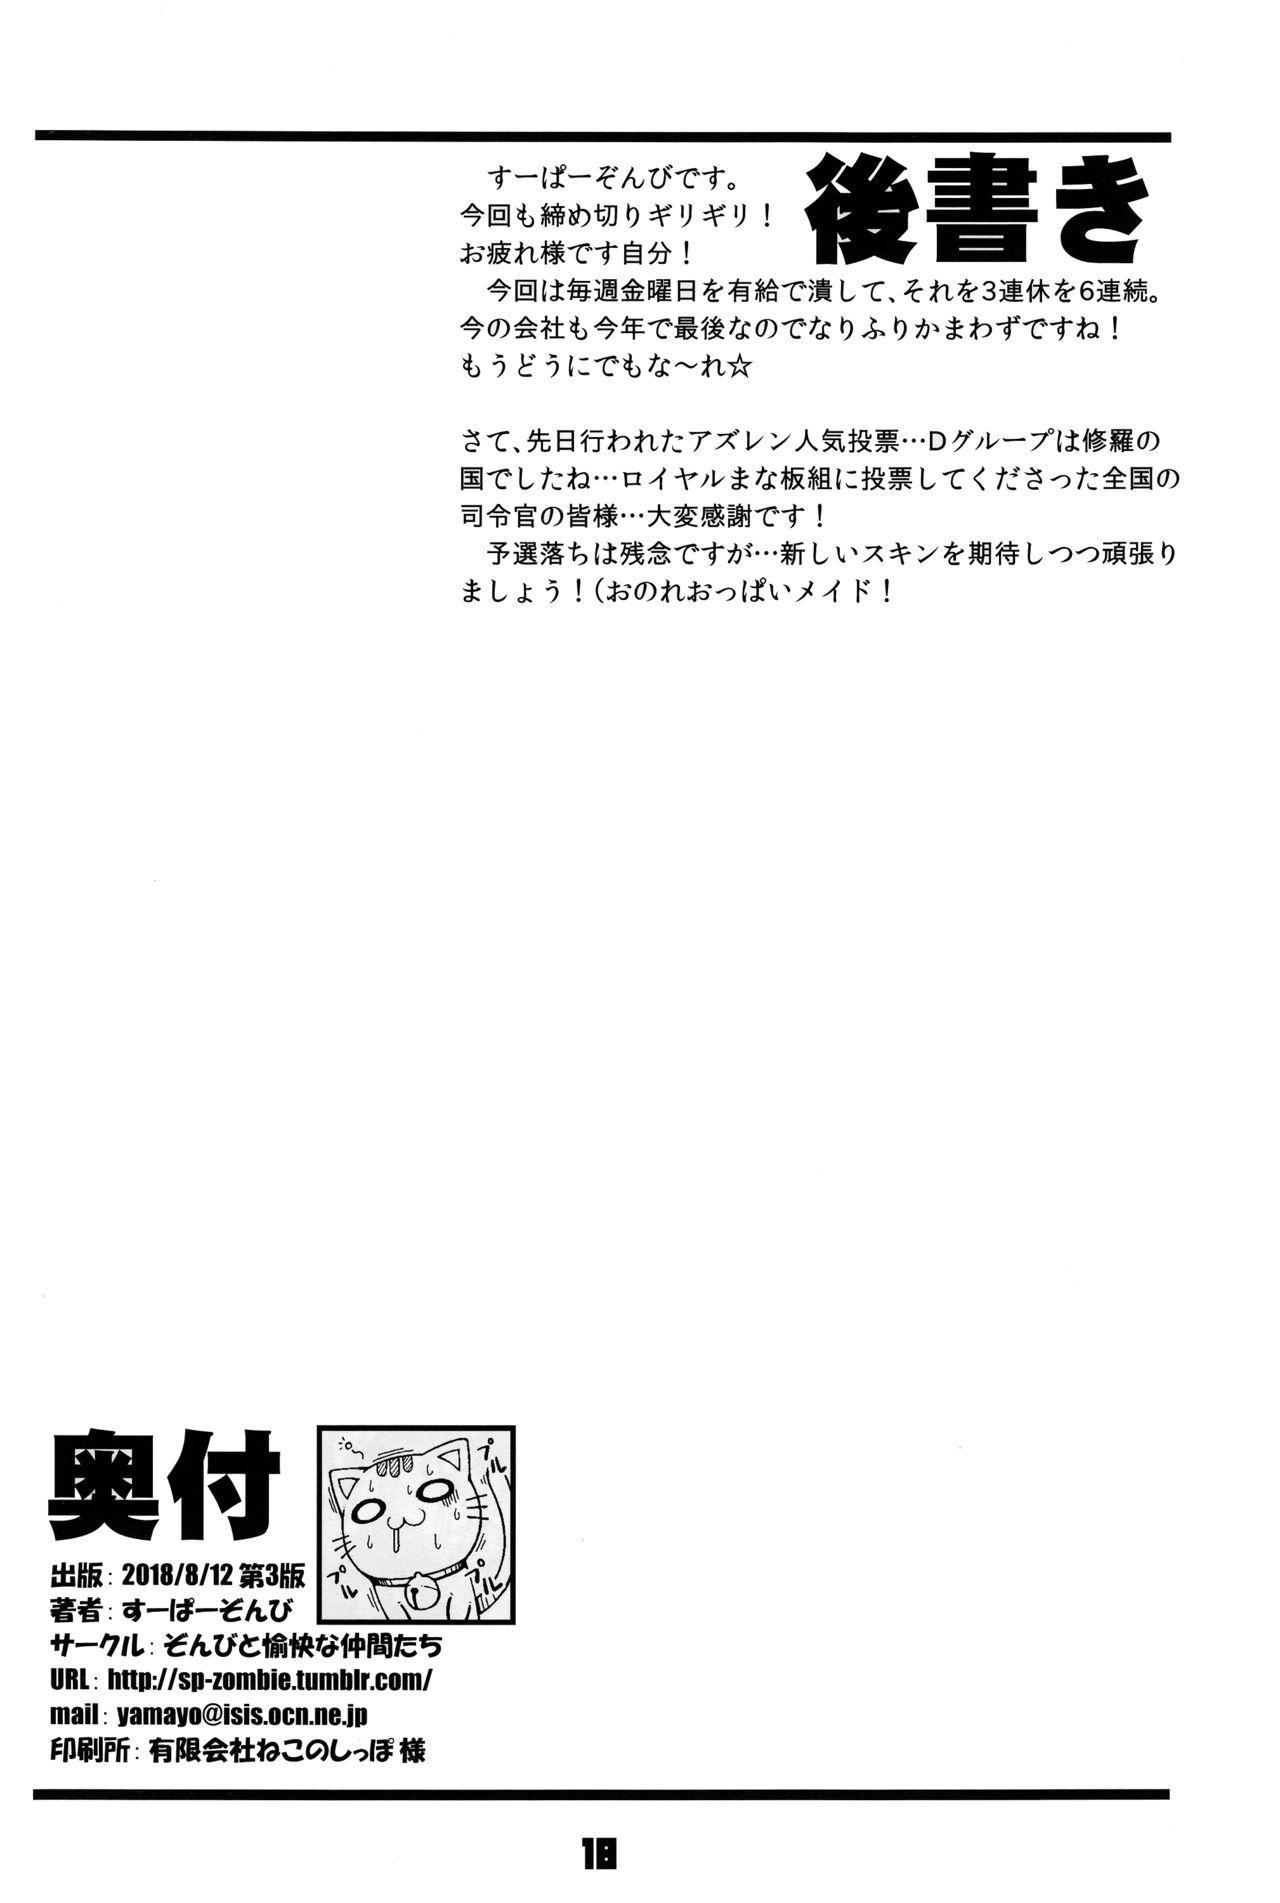 Kinpatsu Manaita no Template 17